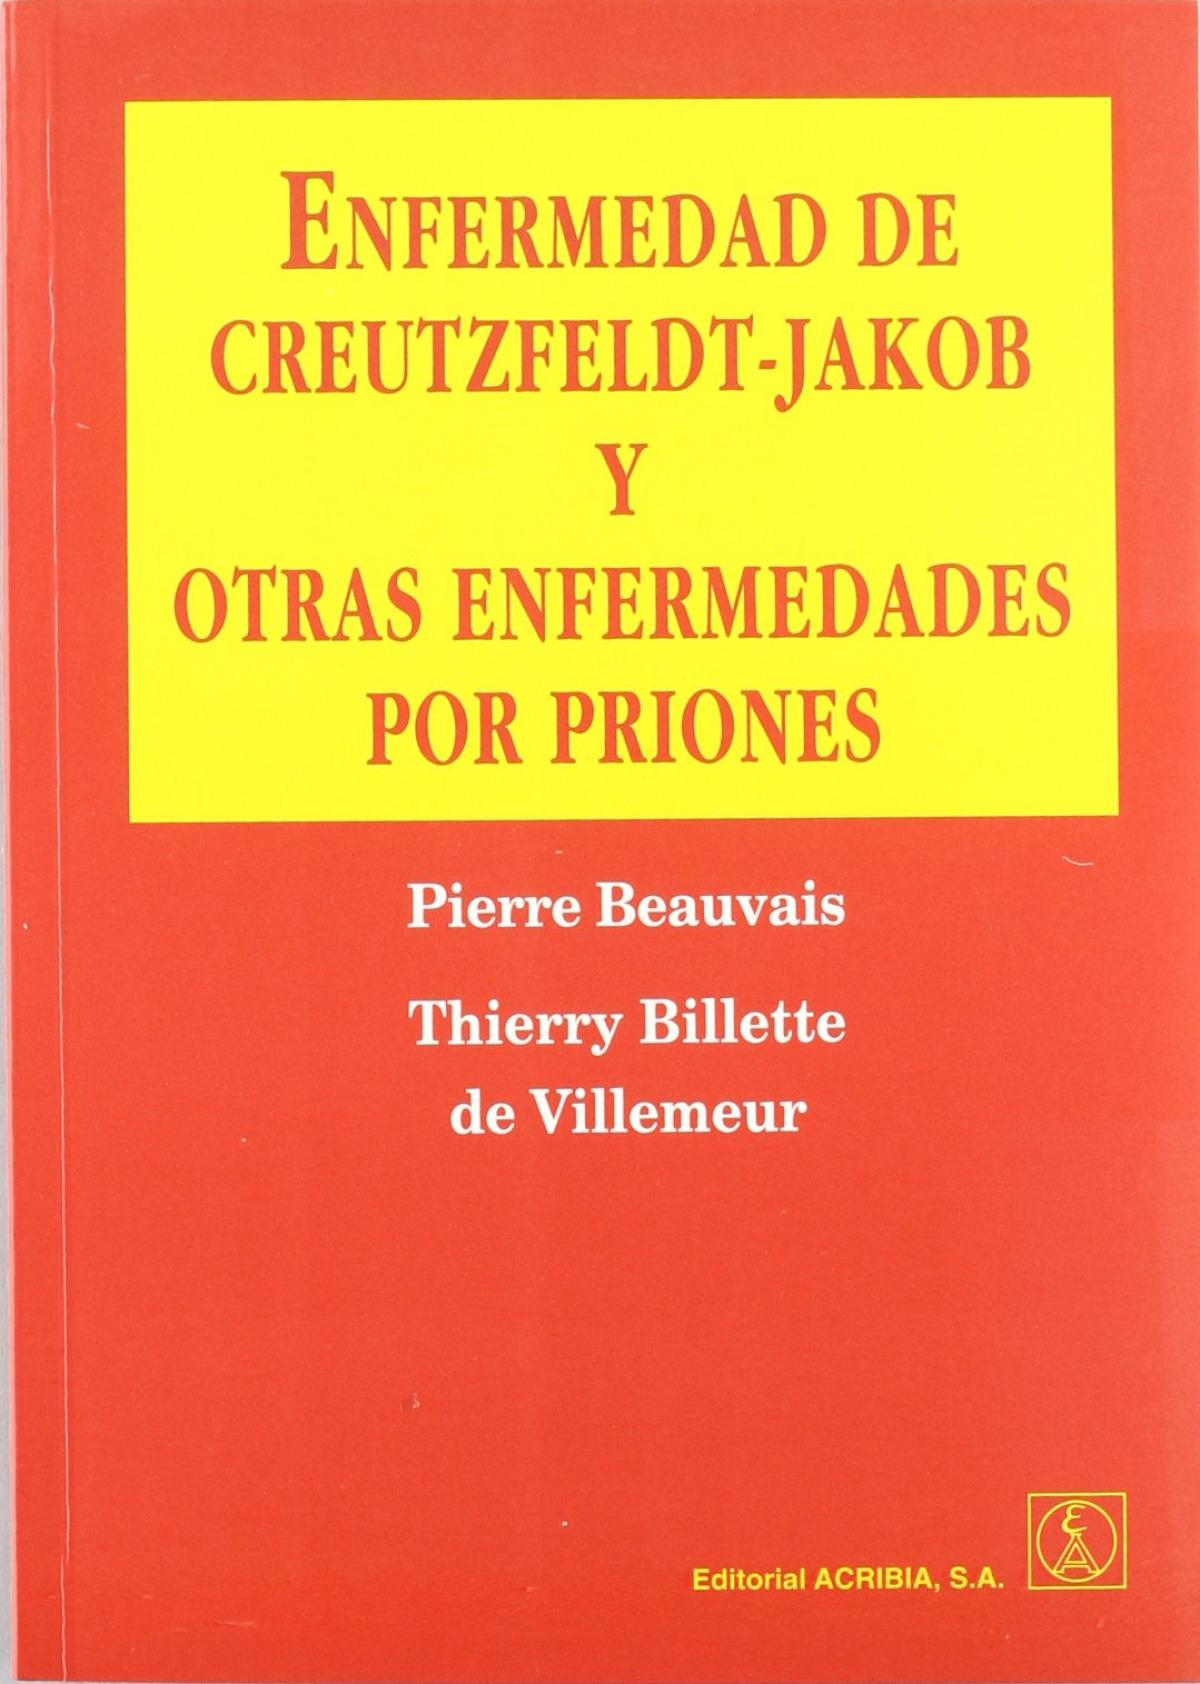 ENFERMEDAD DE CREUTZFELDT-JAKOB/OTRAS ENFERMEDADES POR PRIONES